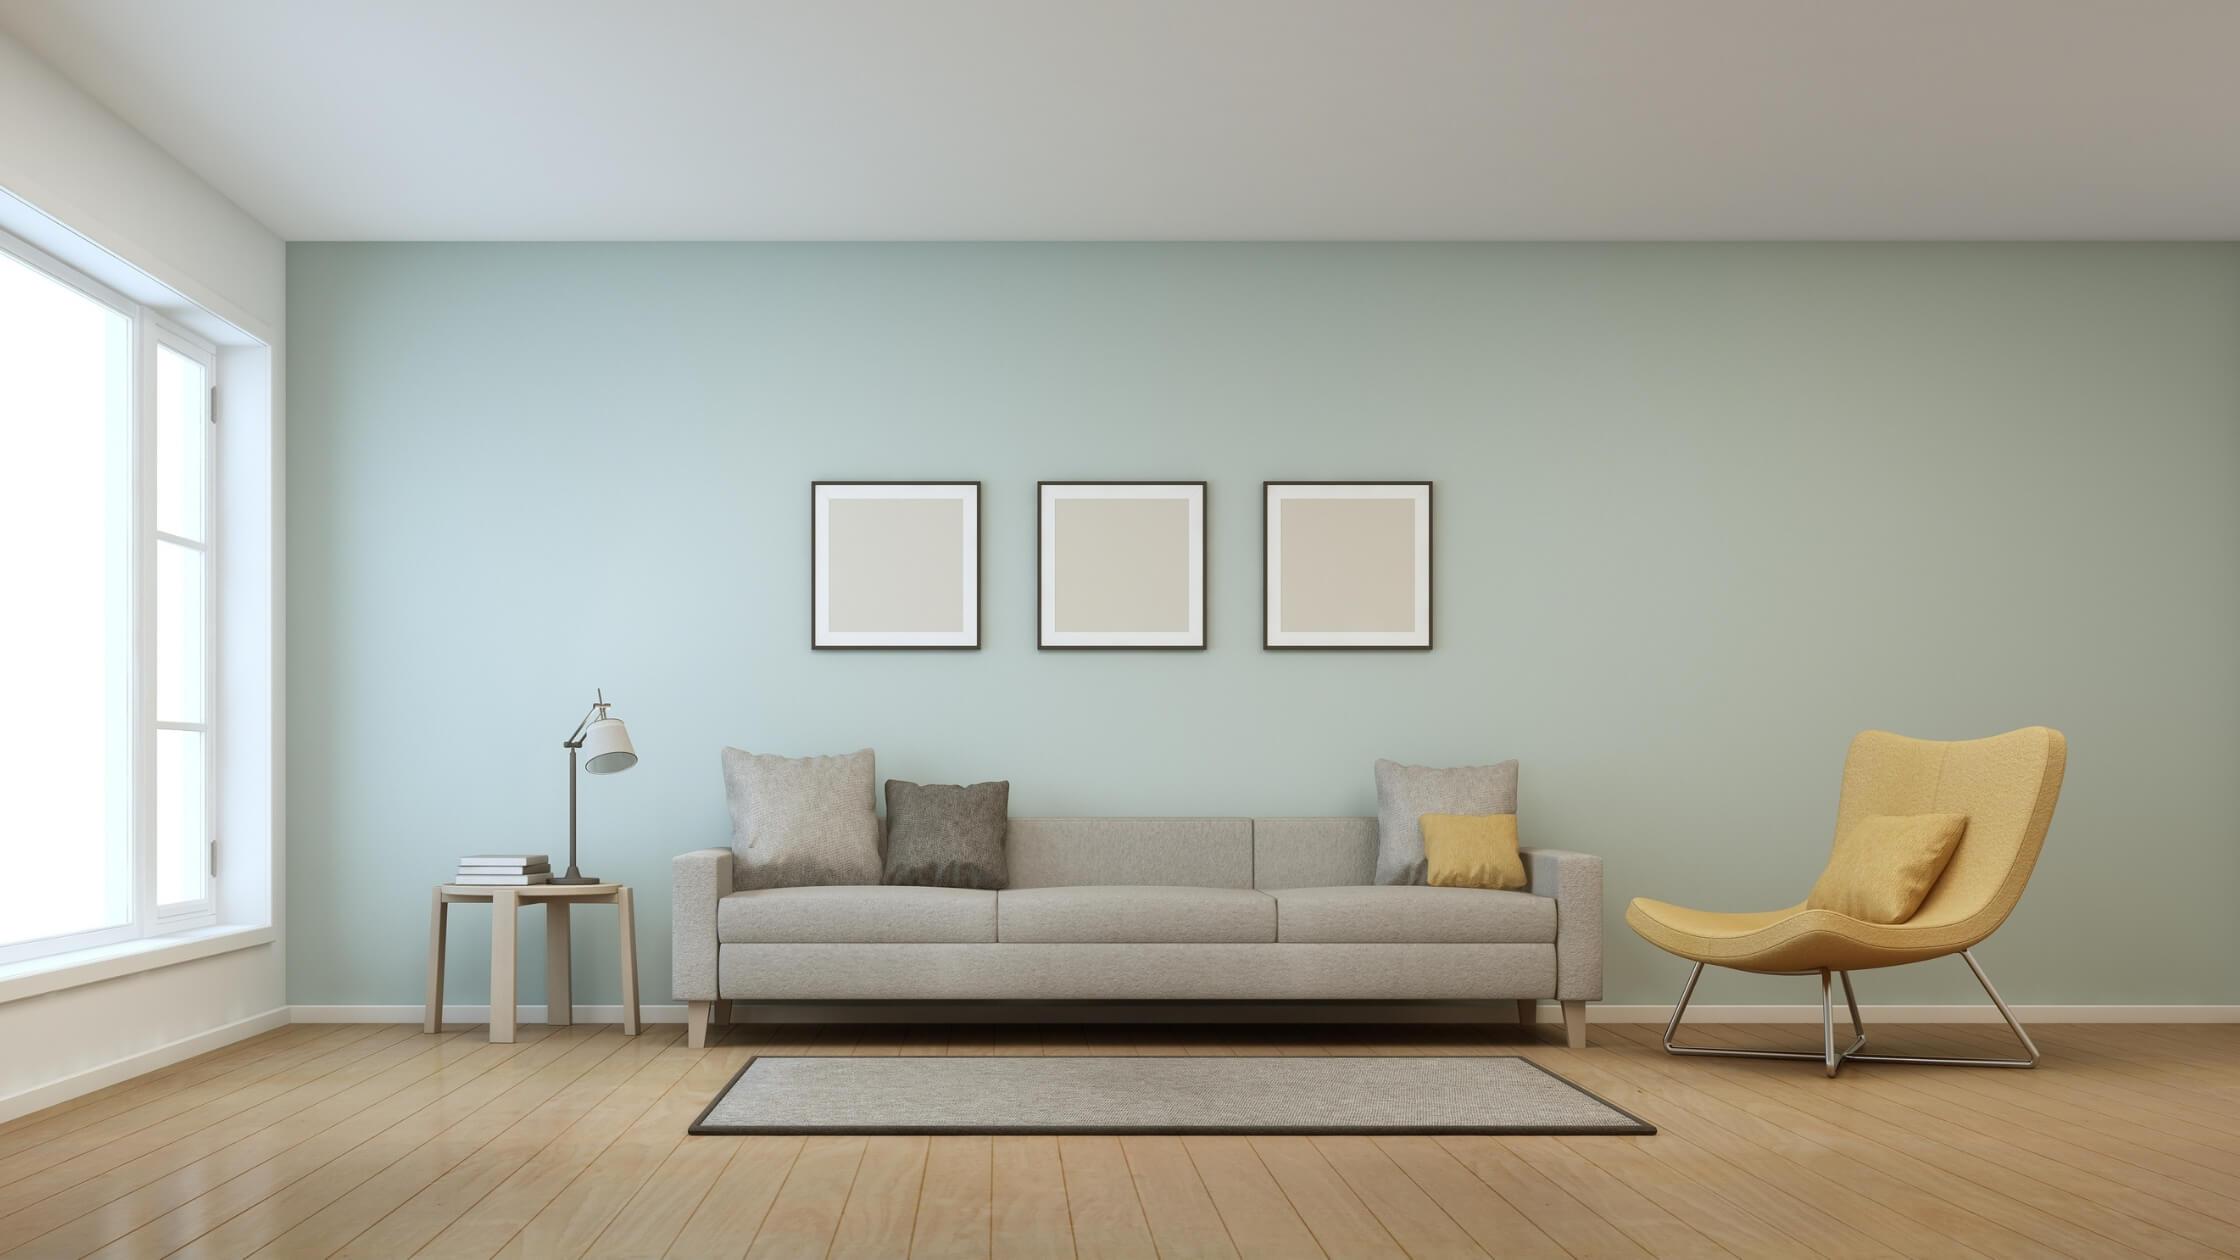 Duurzaamheid: een goed geïsoleerd huis